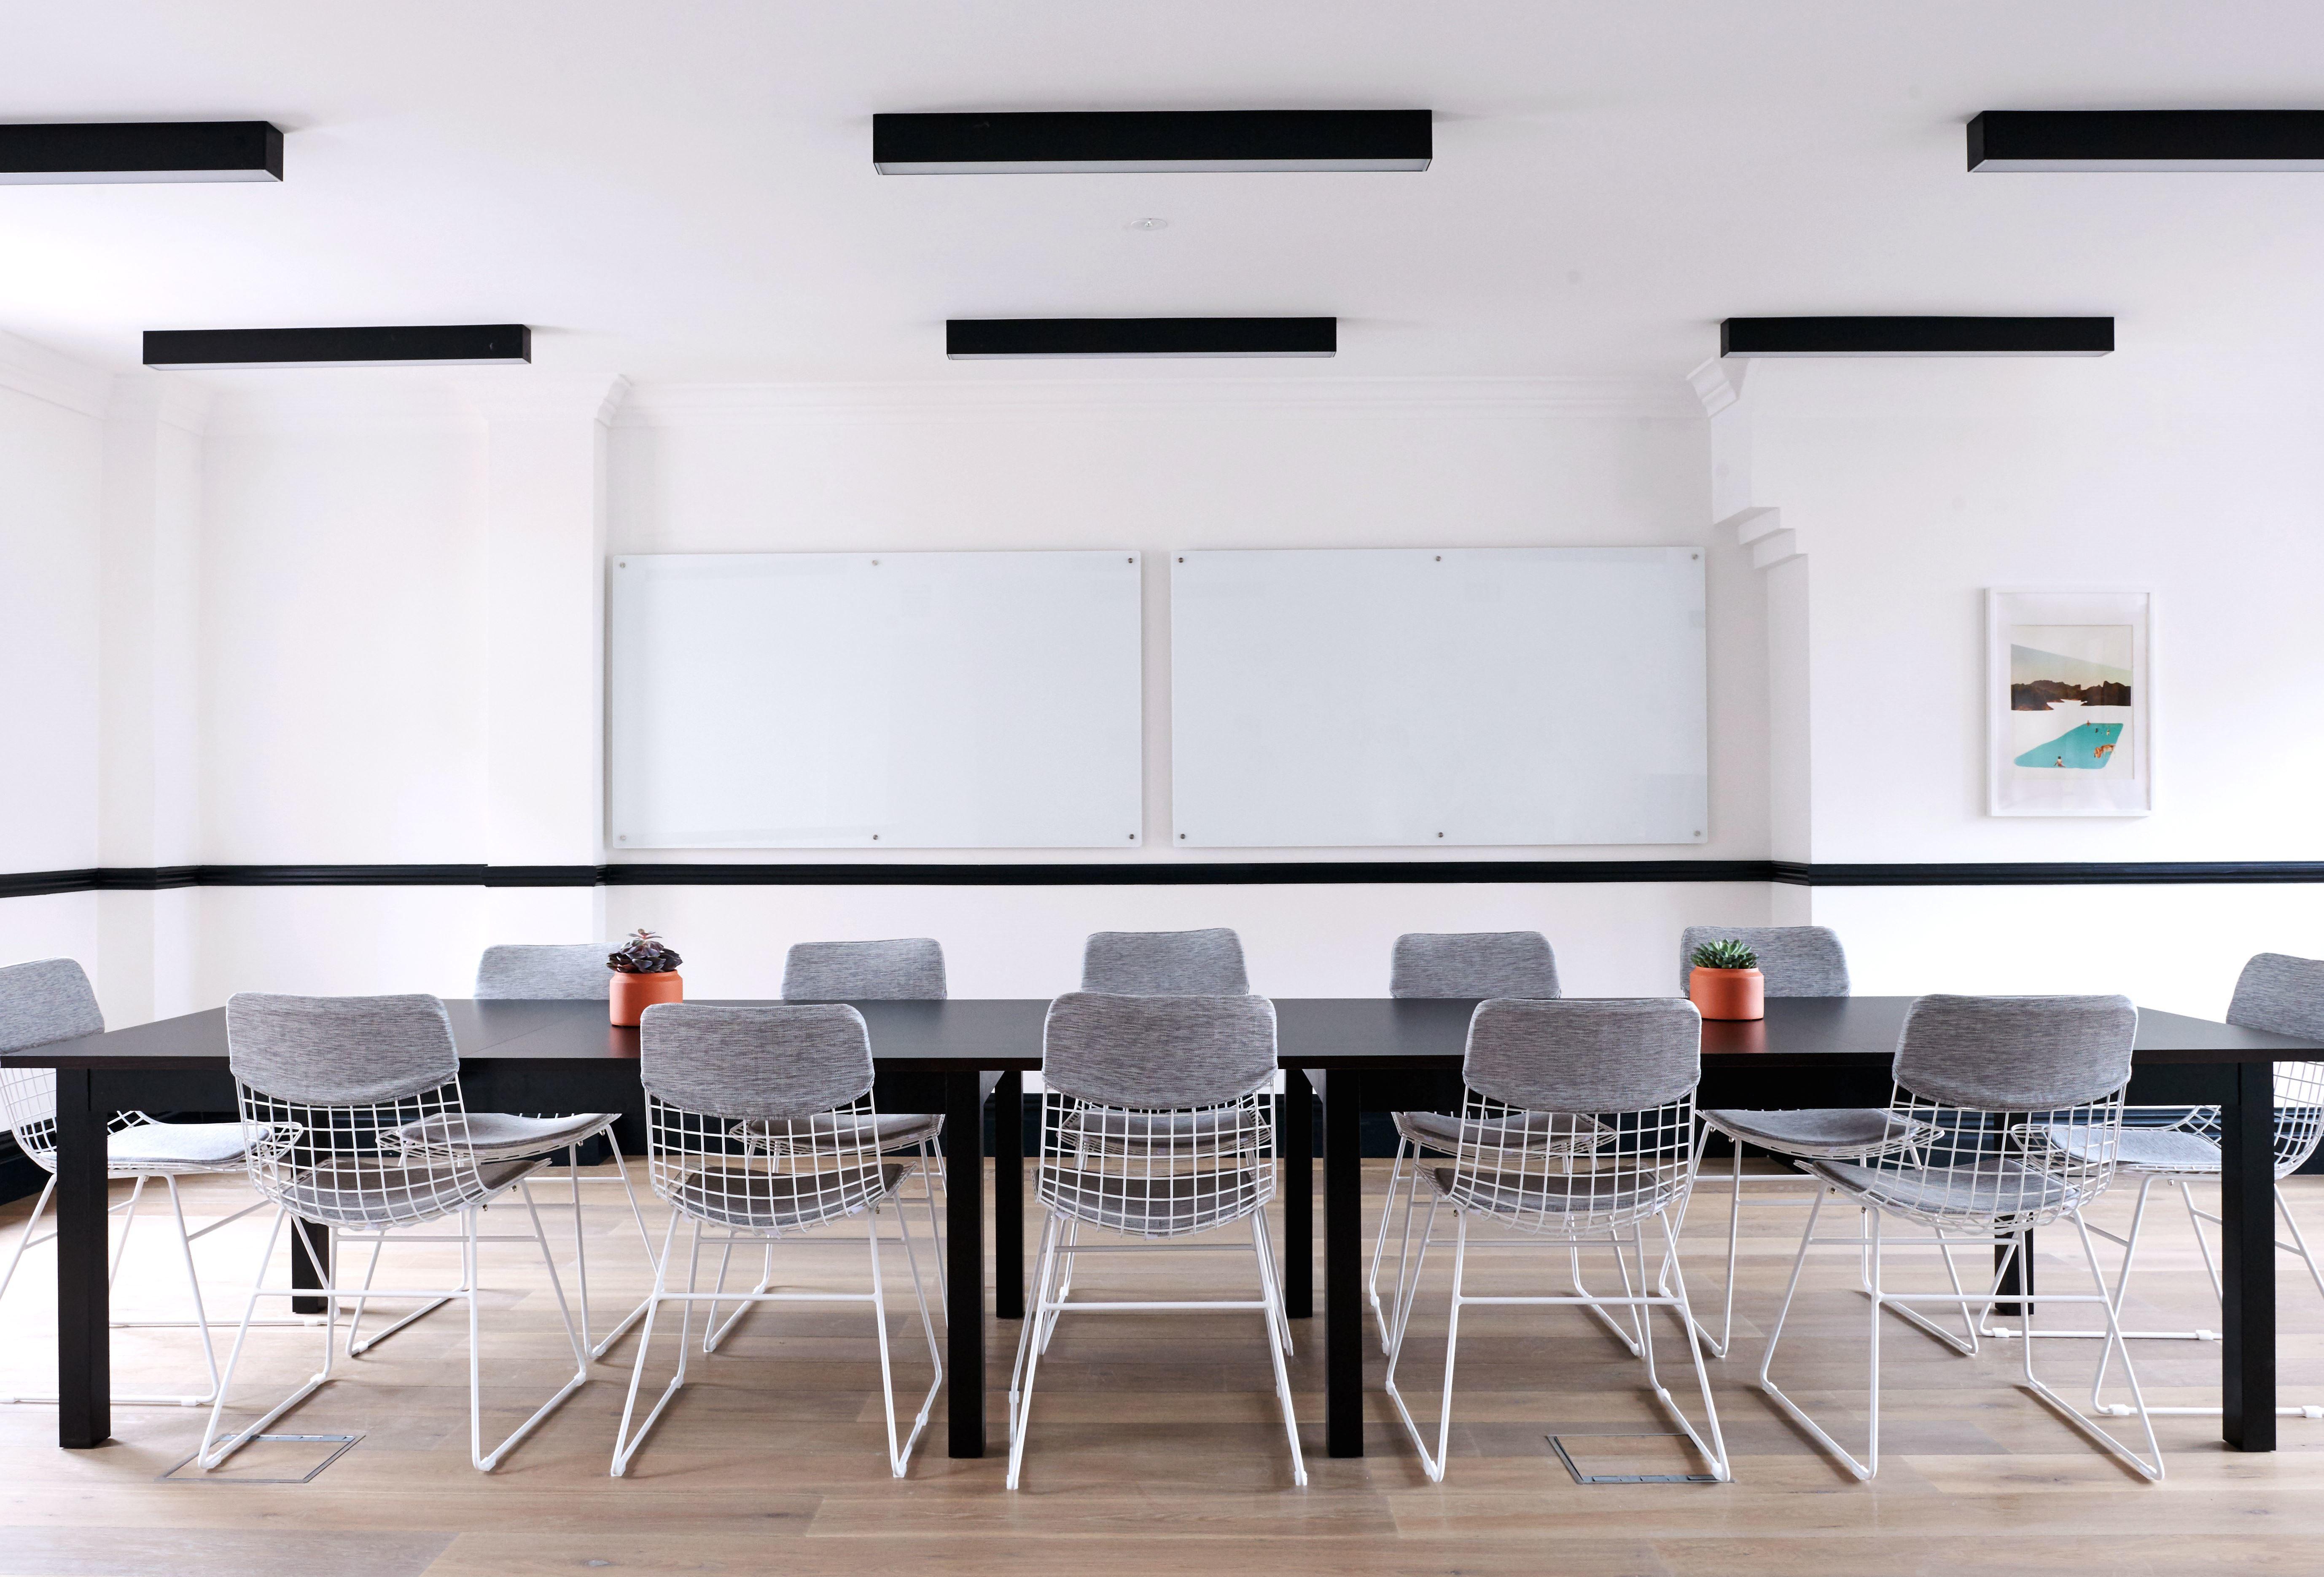 Kostenlose Bild: Architektur, Wirtschaft, Stühle, Konferenz, Raum ...